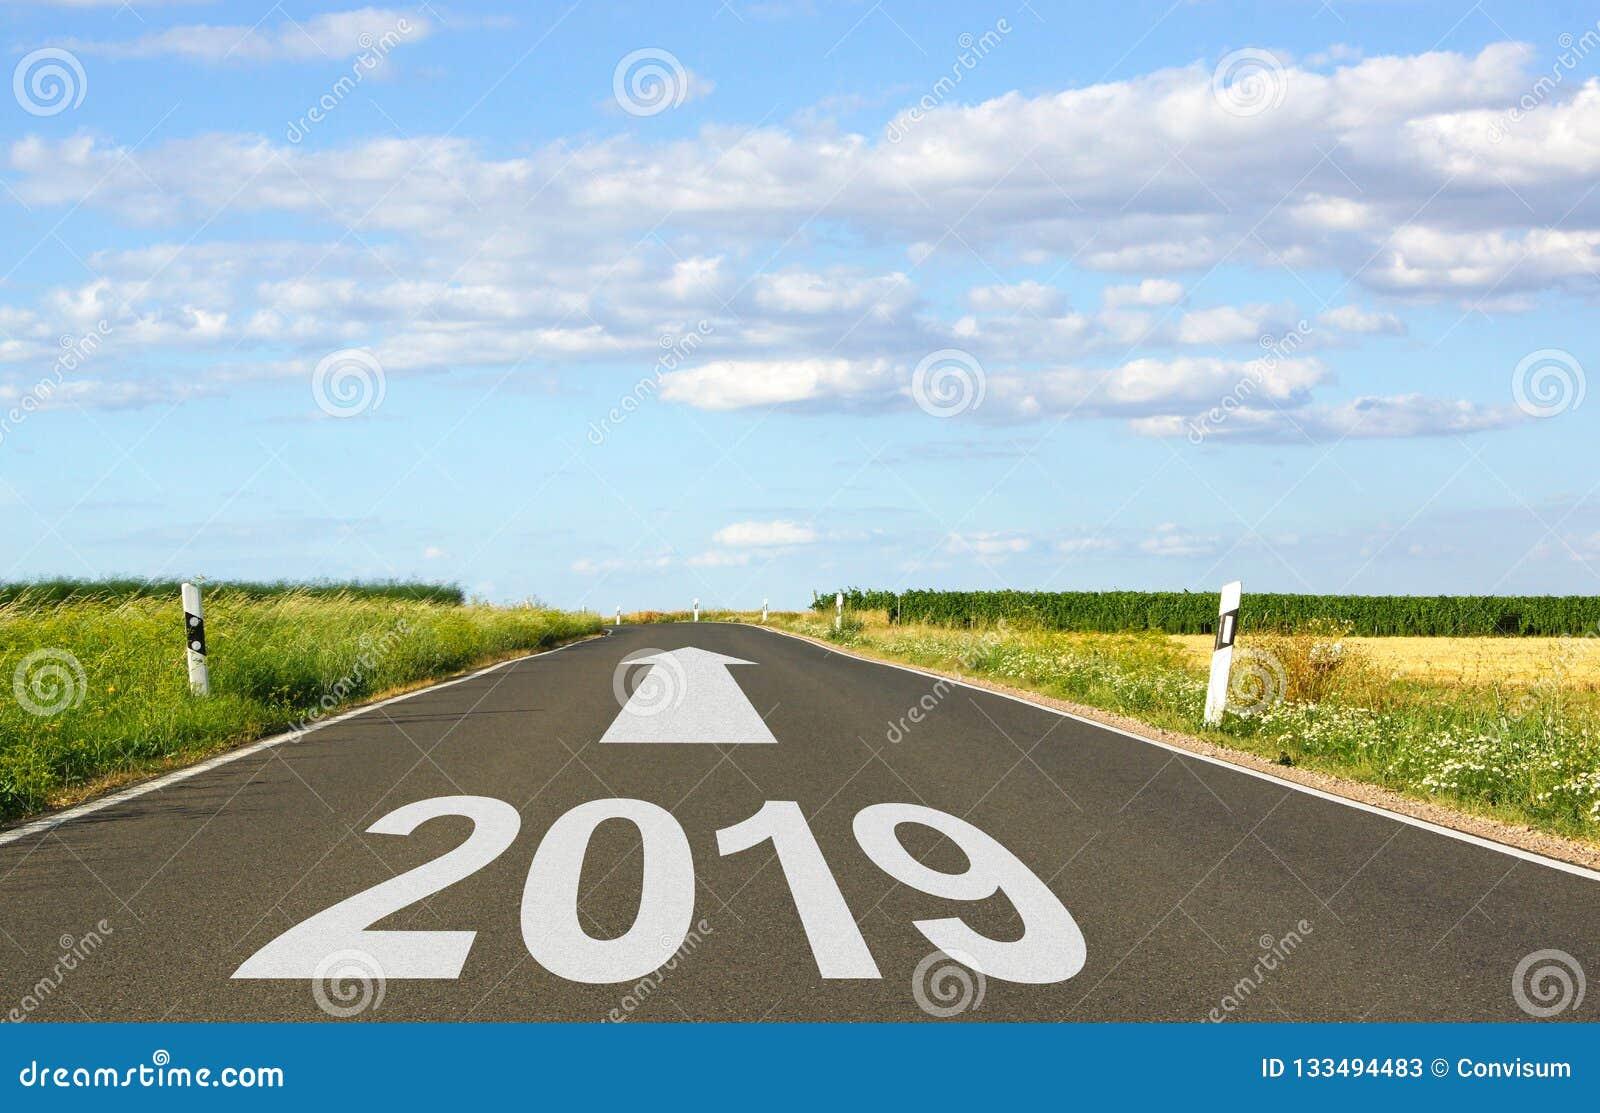 2019 - via con la freccia e l anno - il futuro